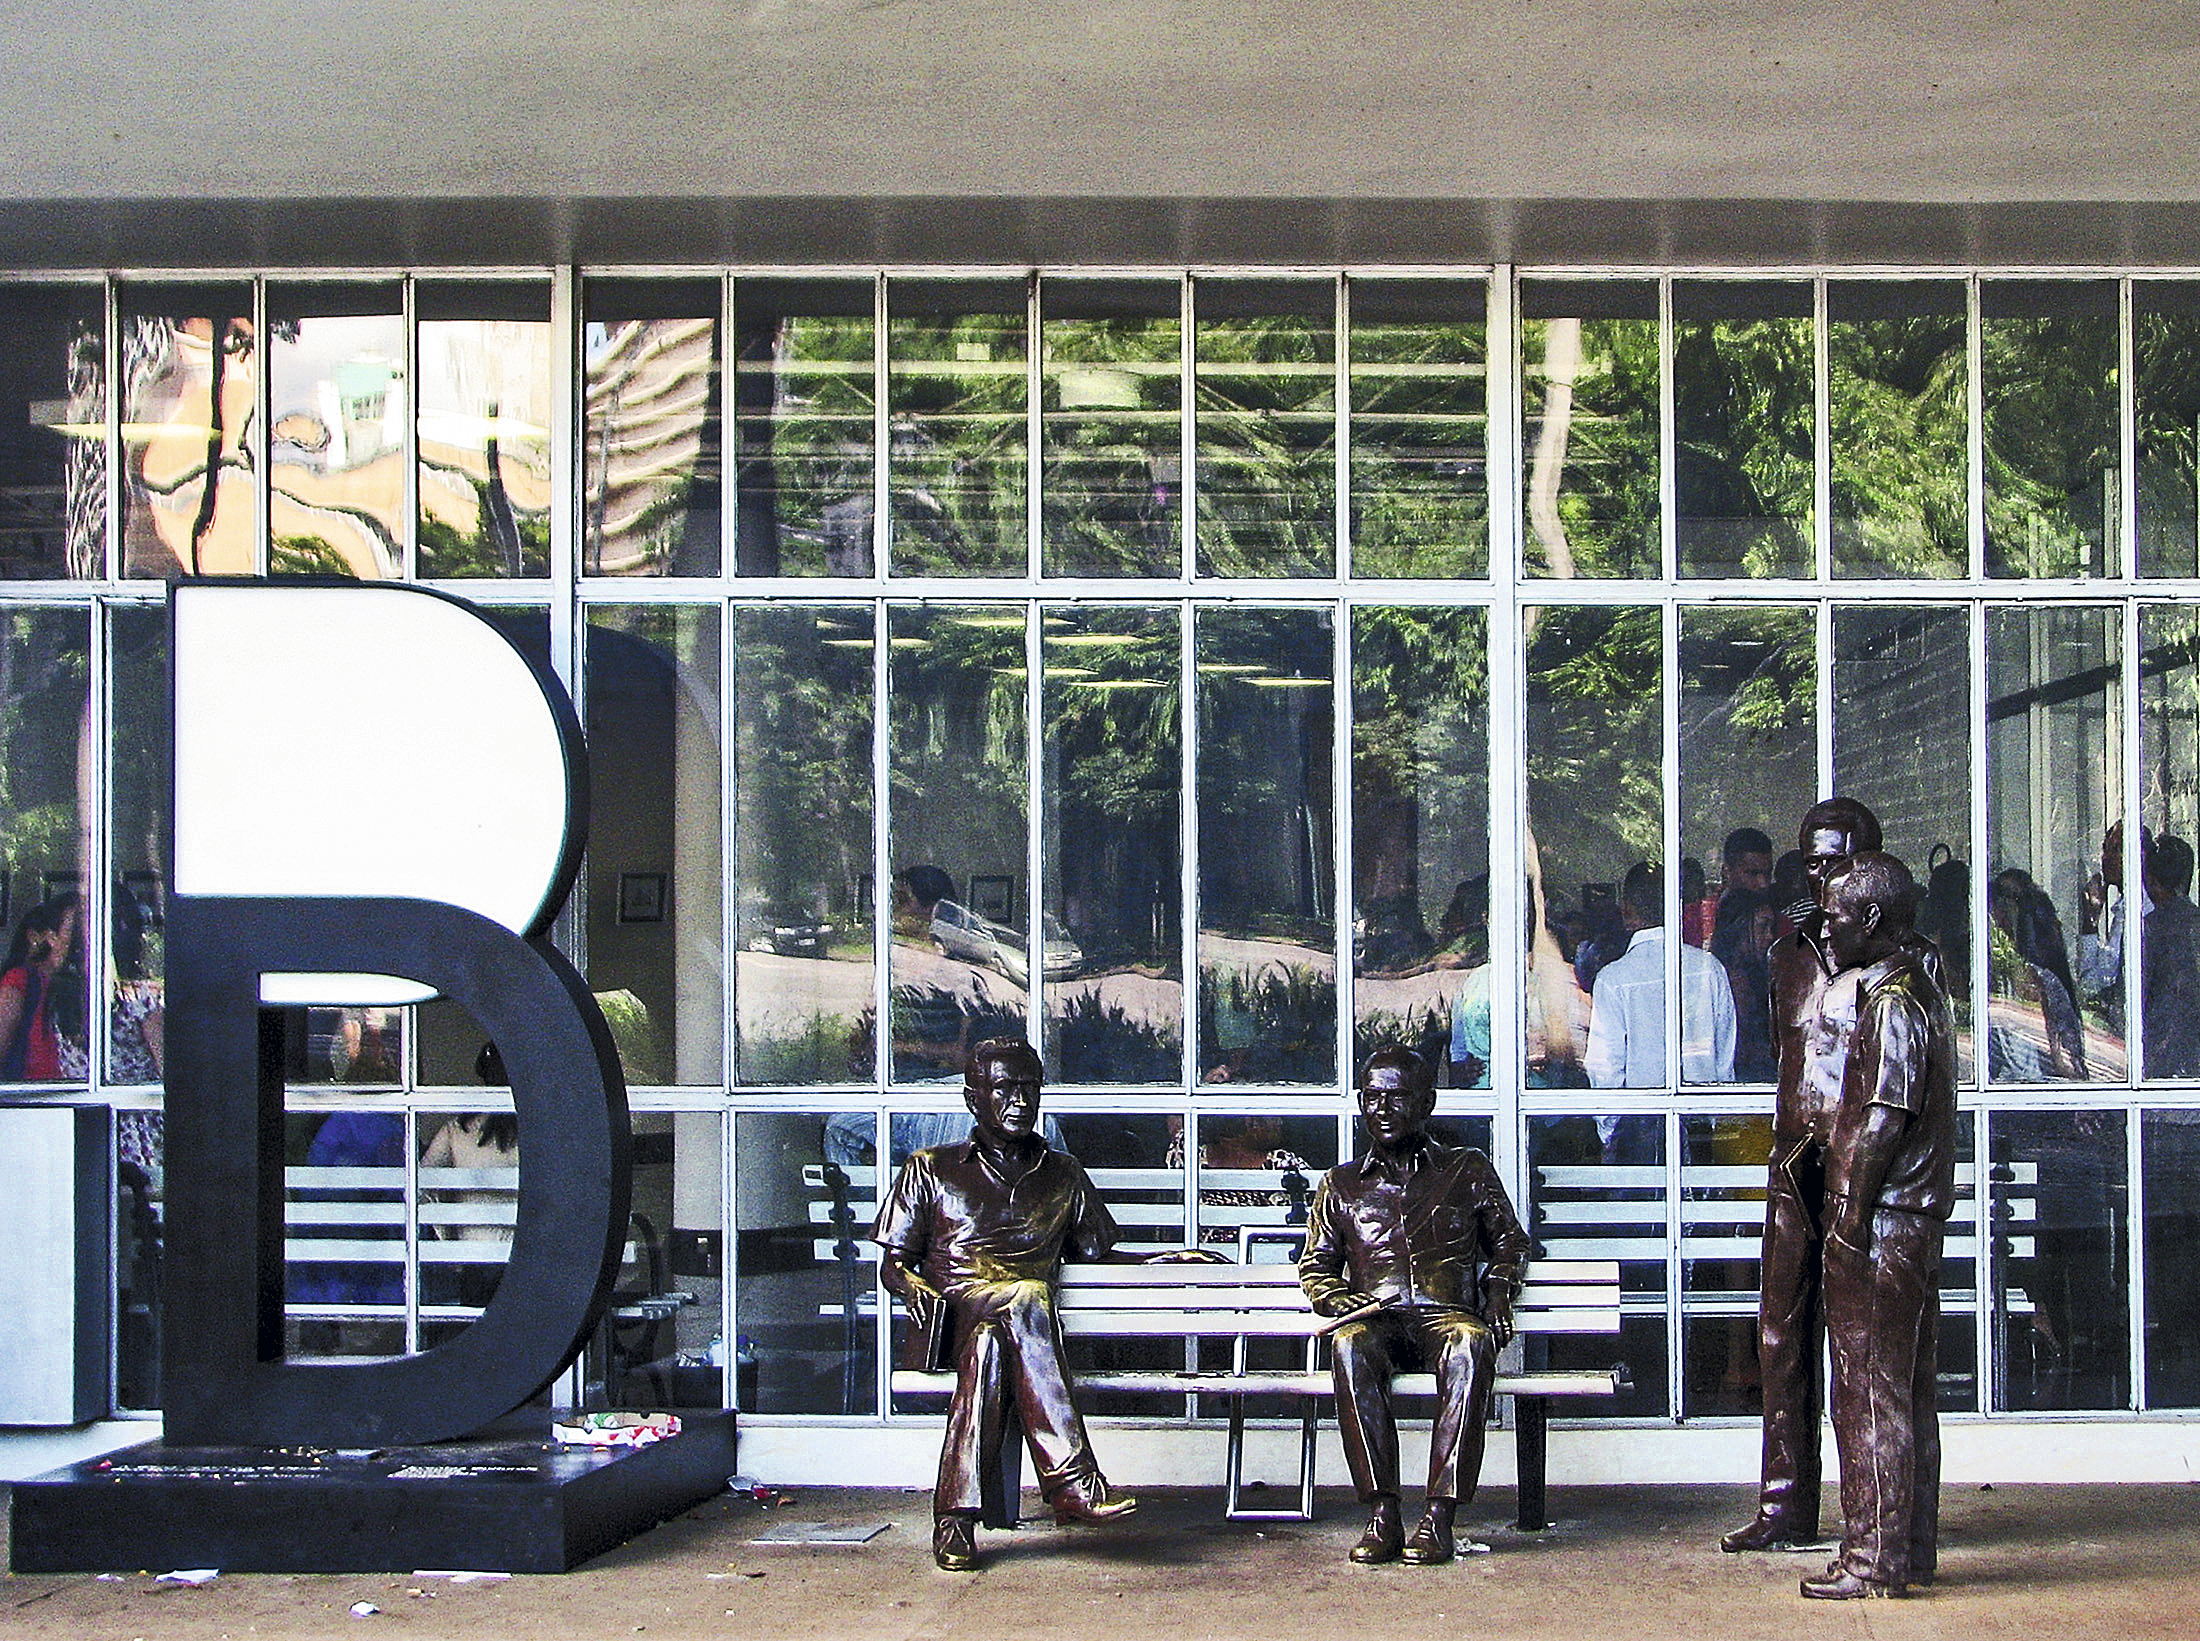 Estátuas da obra Encontro Marcado, na Biblioteca Luiz de Bessal, Belo Horizonte, Minas Gerais, Brasil